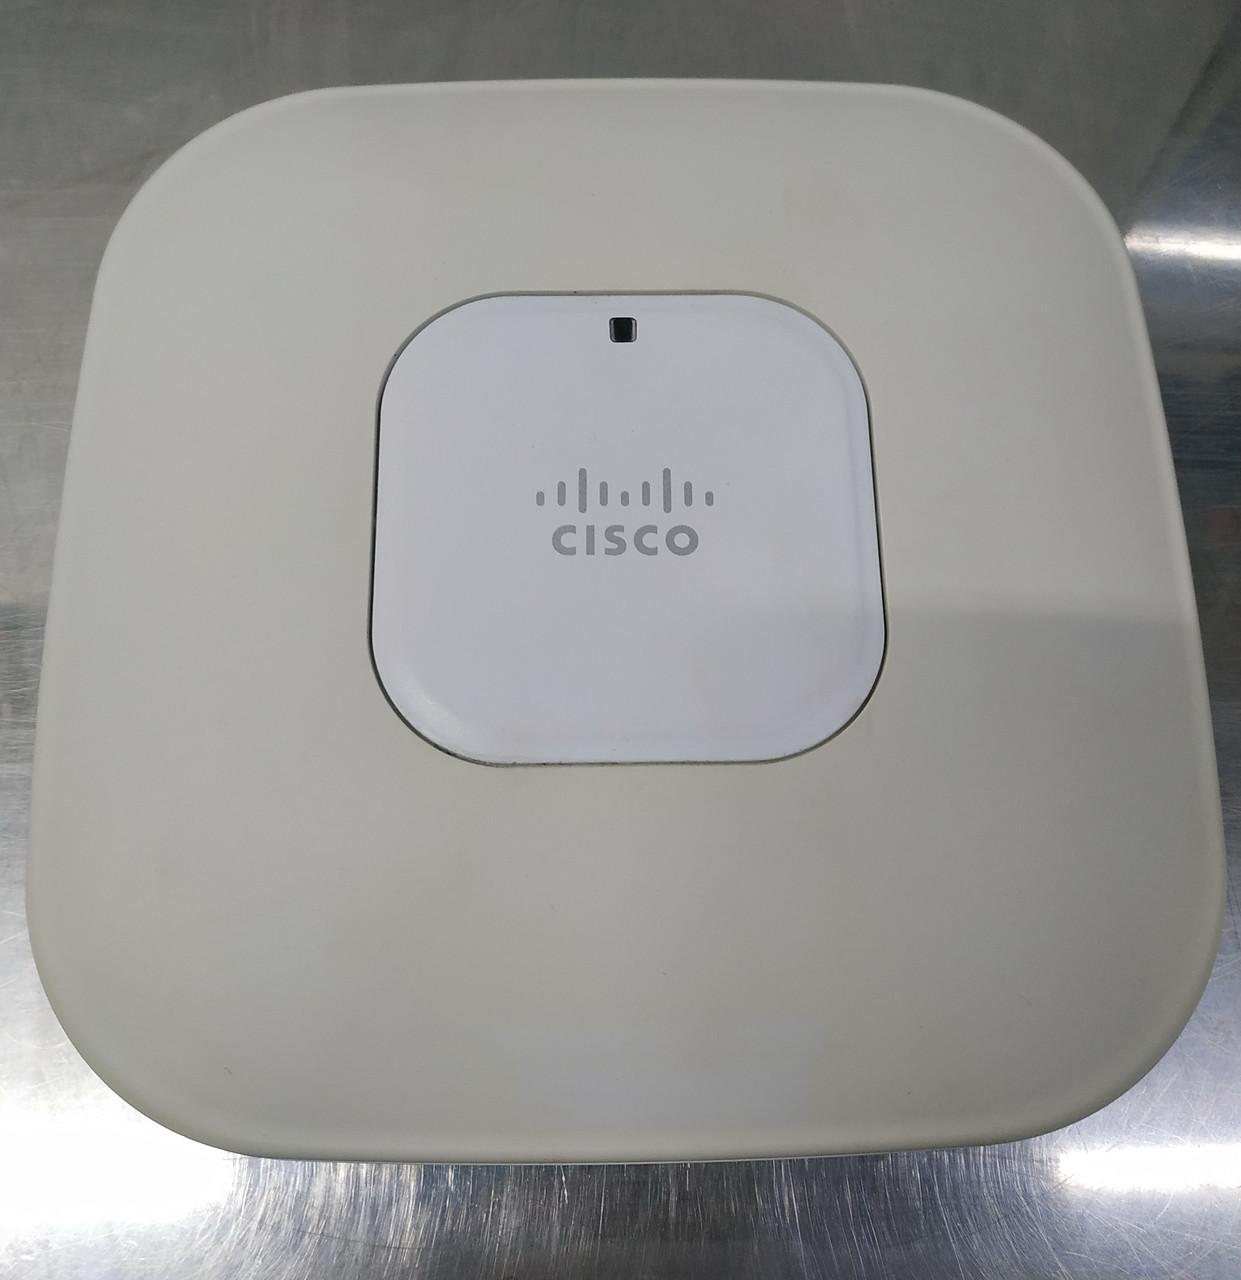 Б/у двухдиапазонная WiFi точка доступа Cisco (AIR-LAP1142N-E-K9) с 802.11n